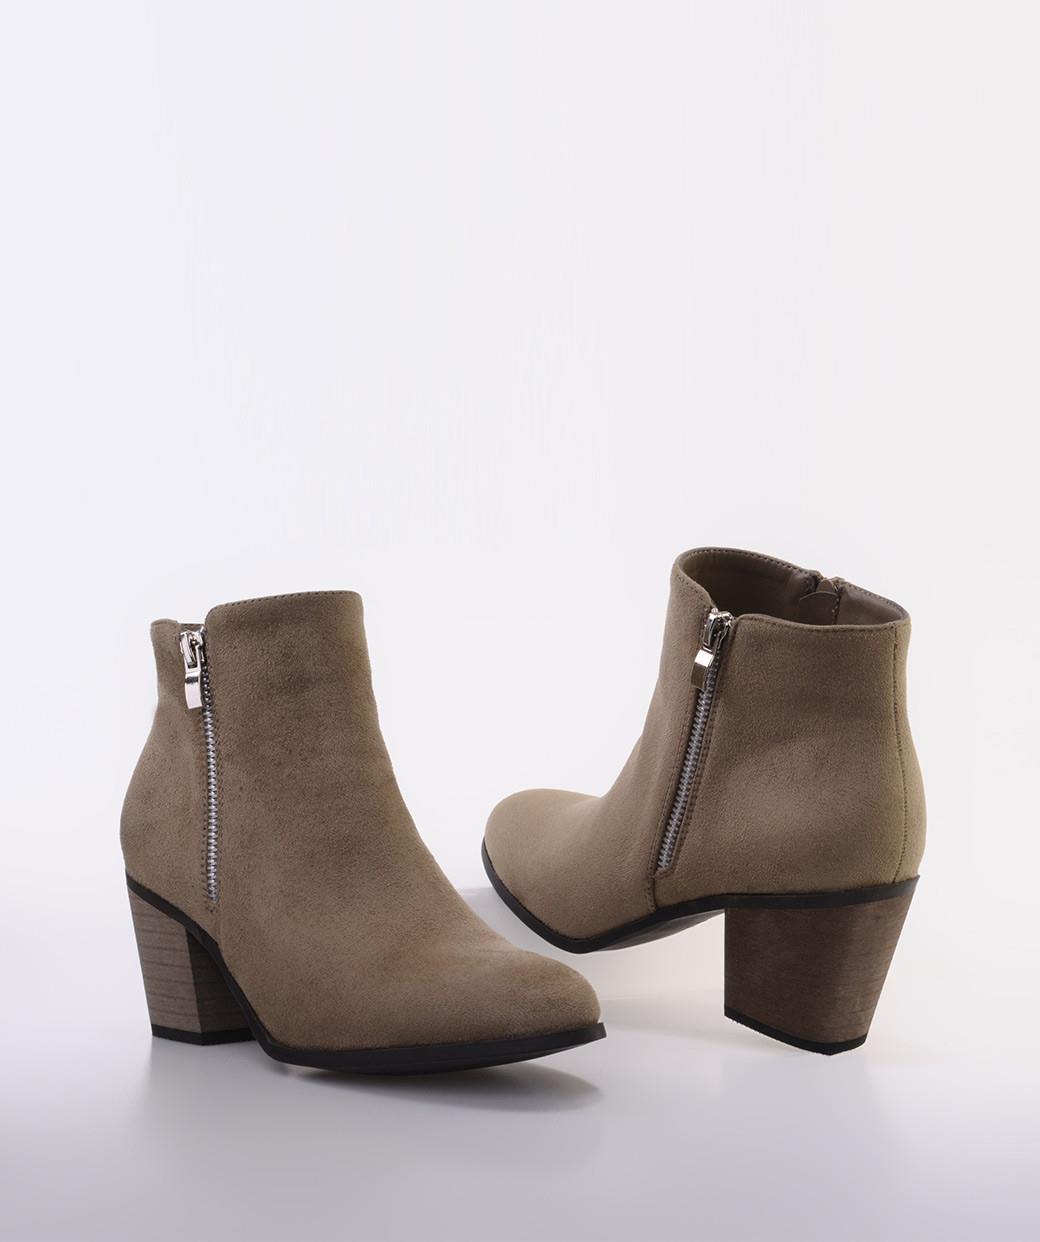 560e8a716 Botines de mujer 2019: así se llevan los ankle boots, los más de ...